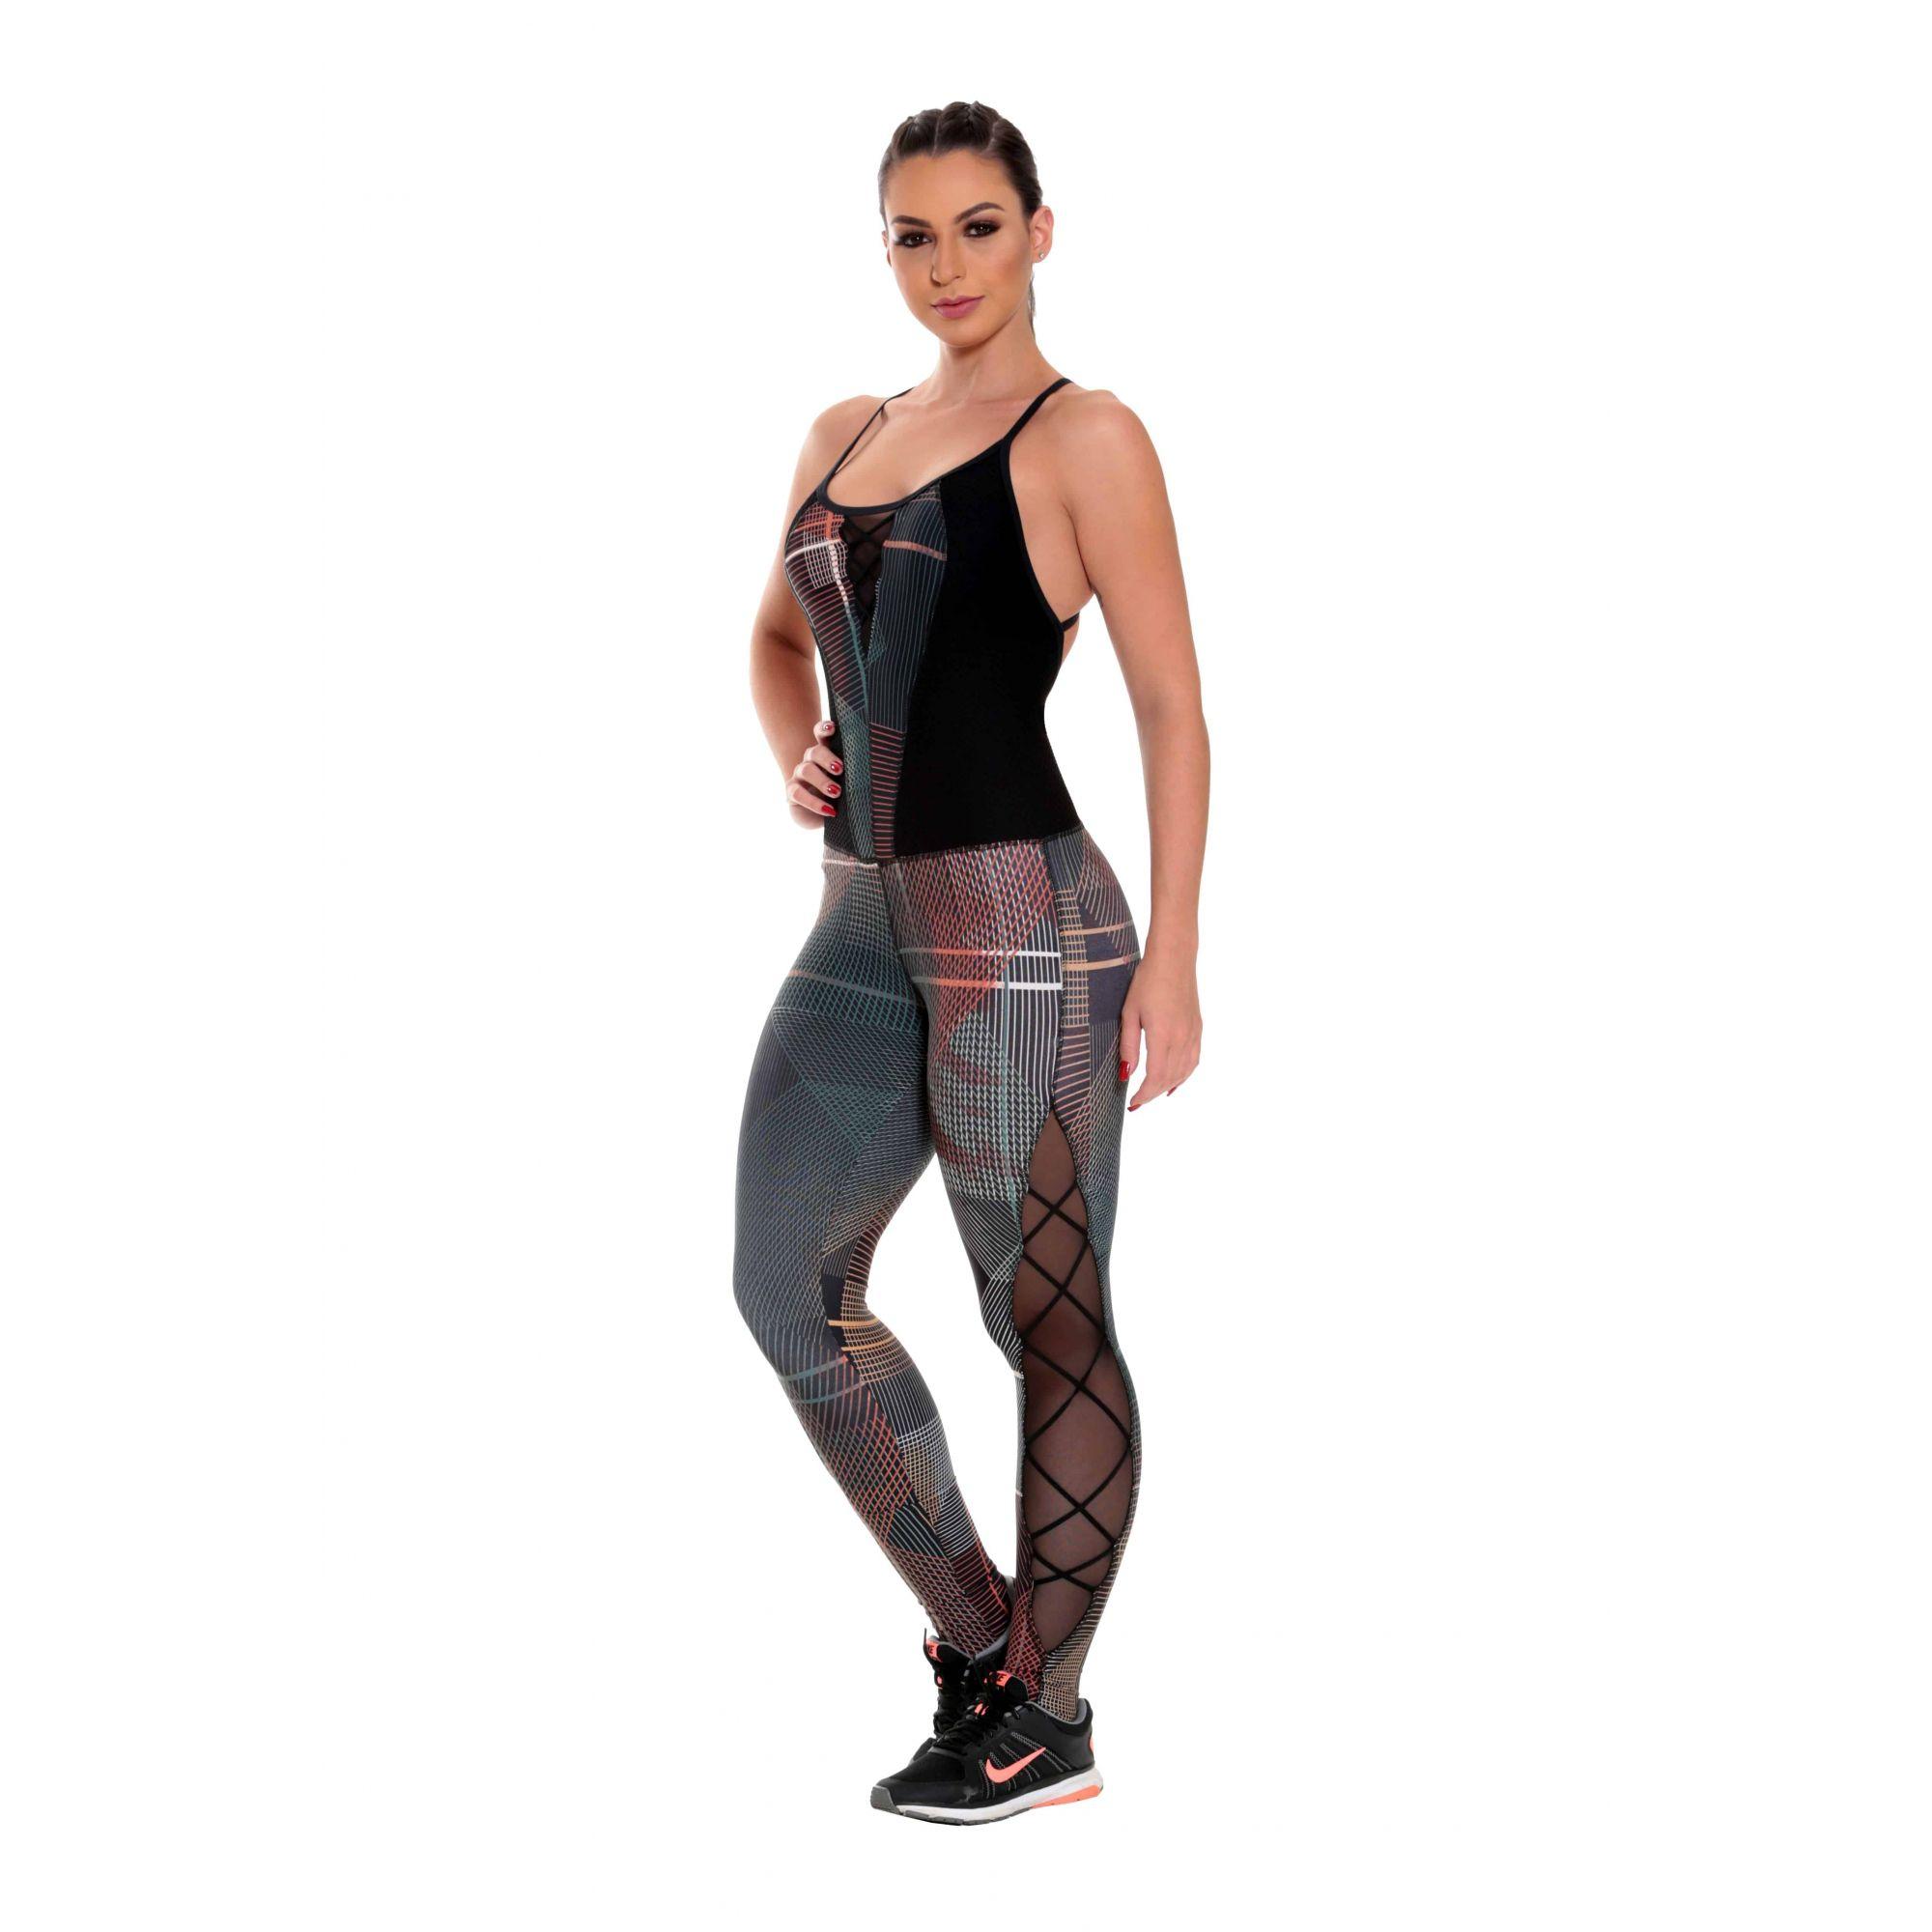 Macacão Fitness Feminino Roupa de Academia Estampa Digital